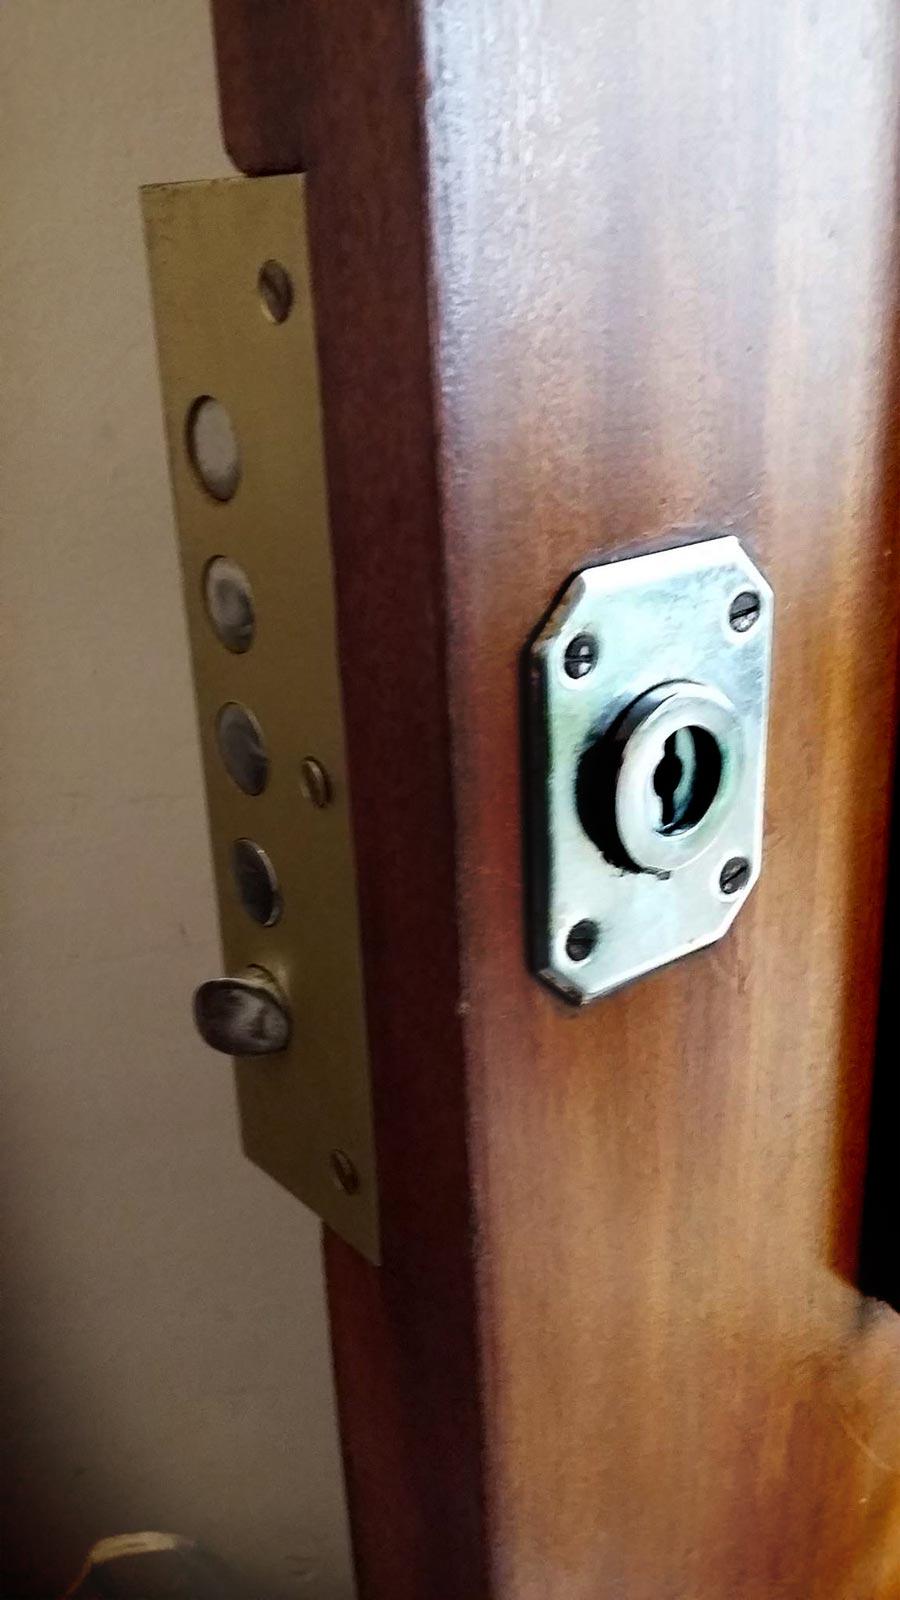 Cerrajeros en alicante 24 horas cerrajero en alicante - Cerrajeros 24h valencia ...